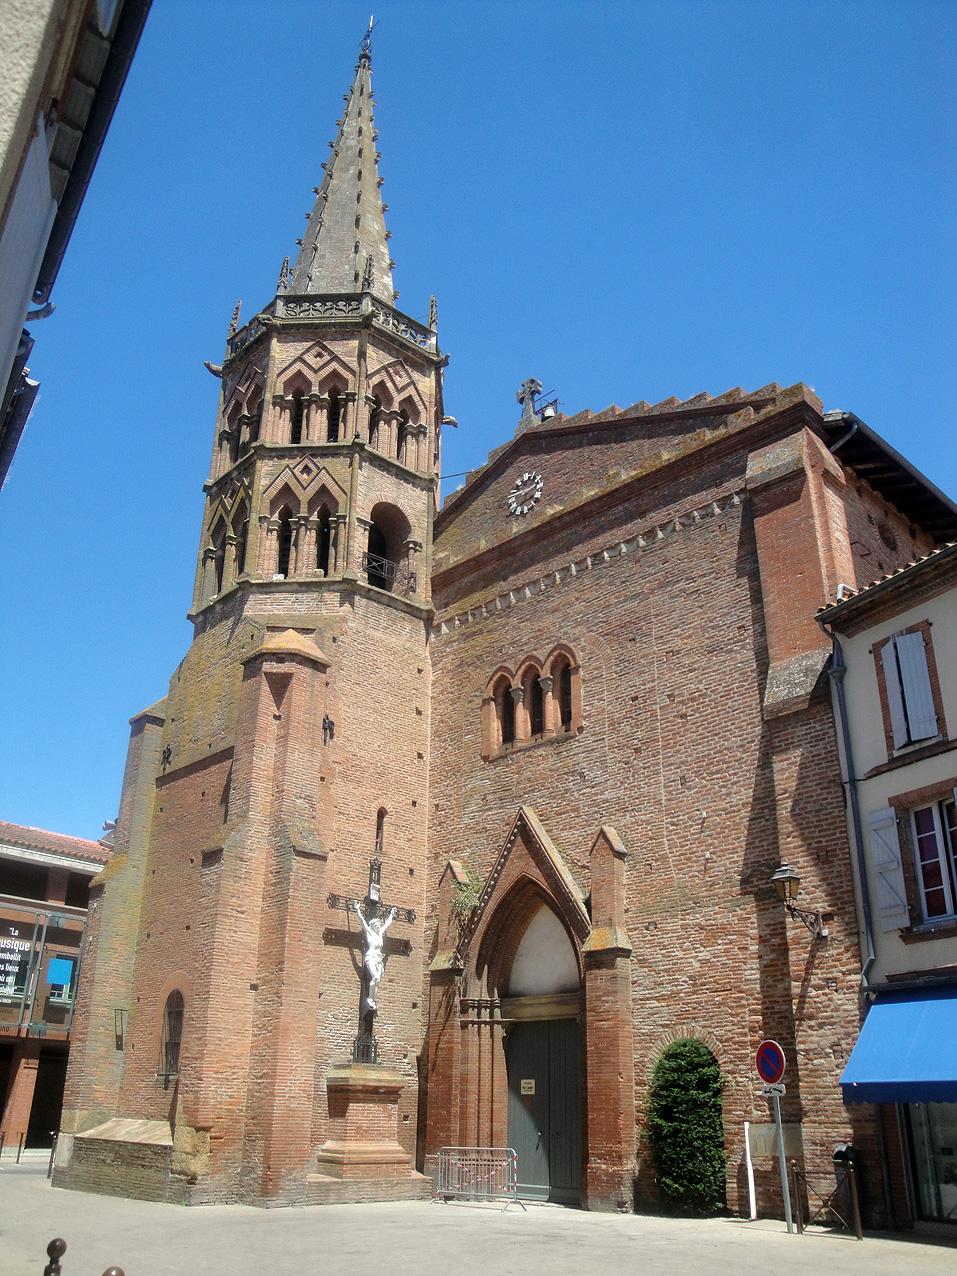 07.07.2013 Façana de l'església de Muret, bastida amb el tradicional maó de terra cuita.  Muret -  Jordi Bibià